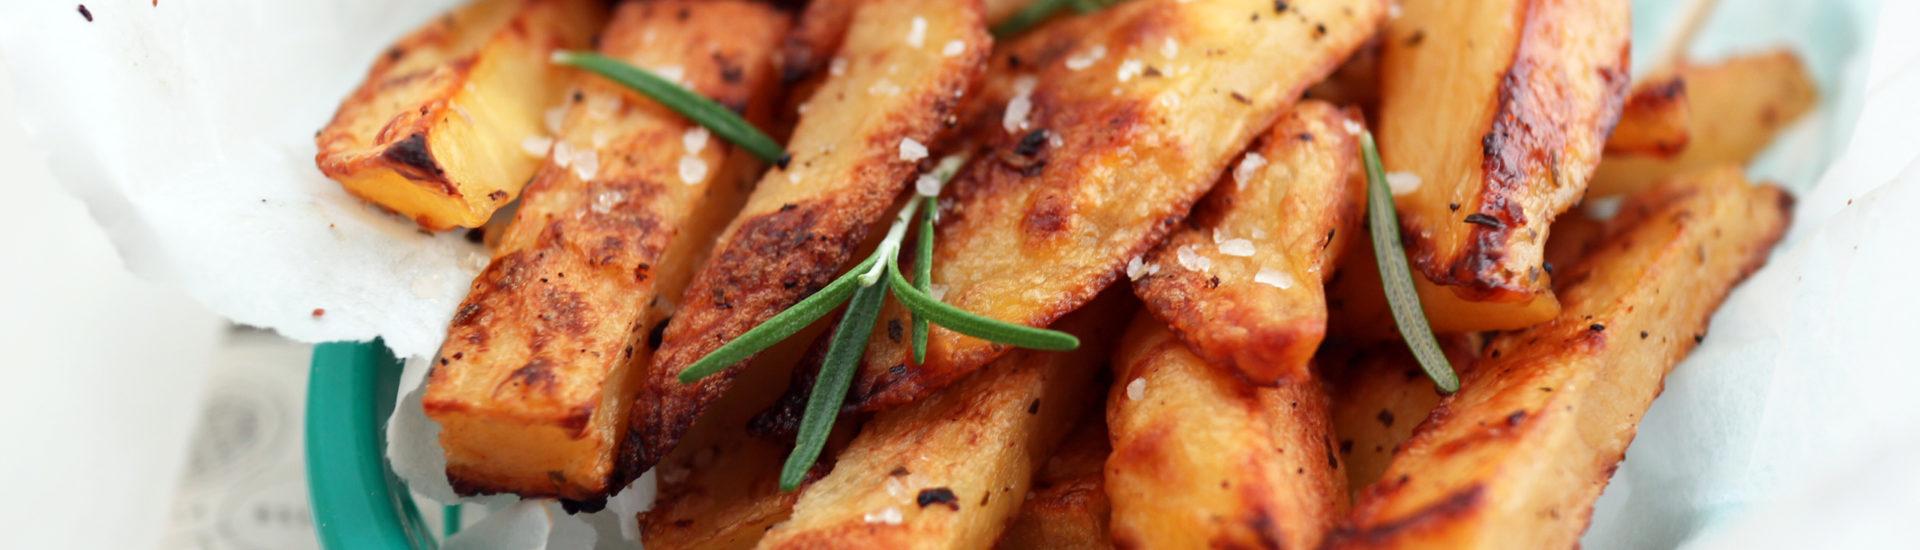 patatine fritte al forno croccanti